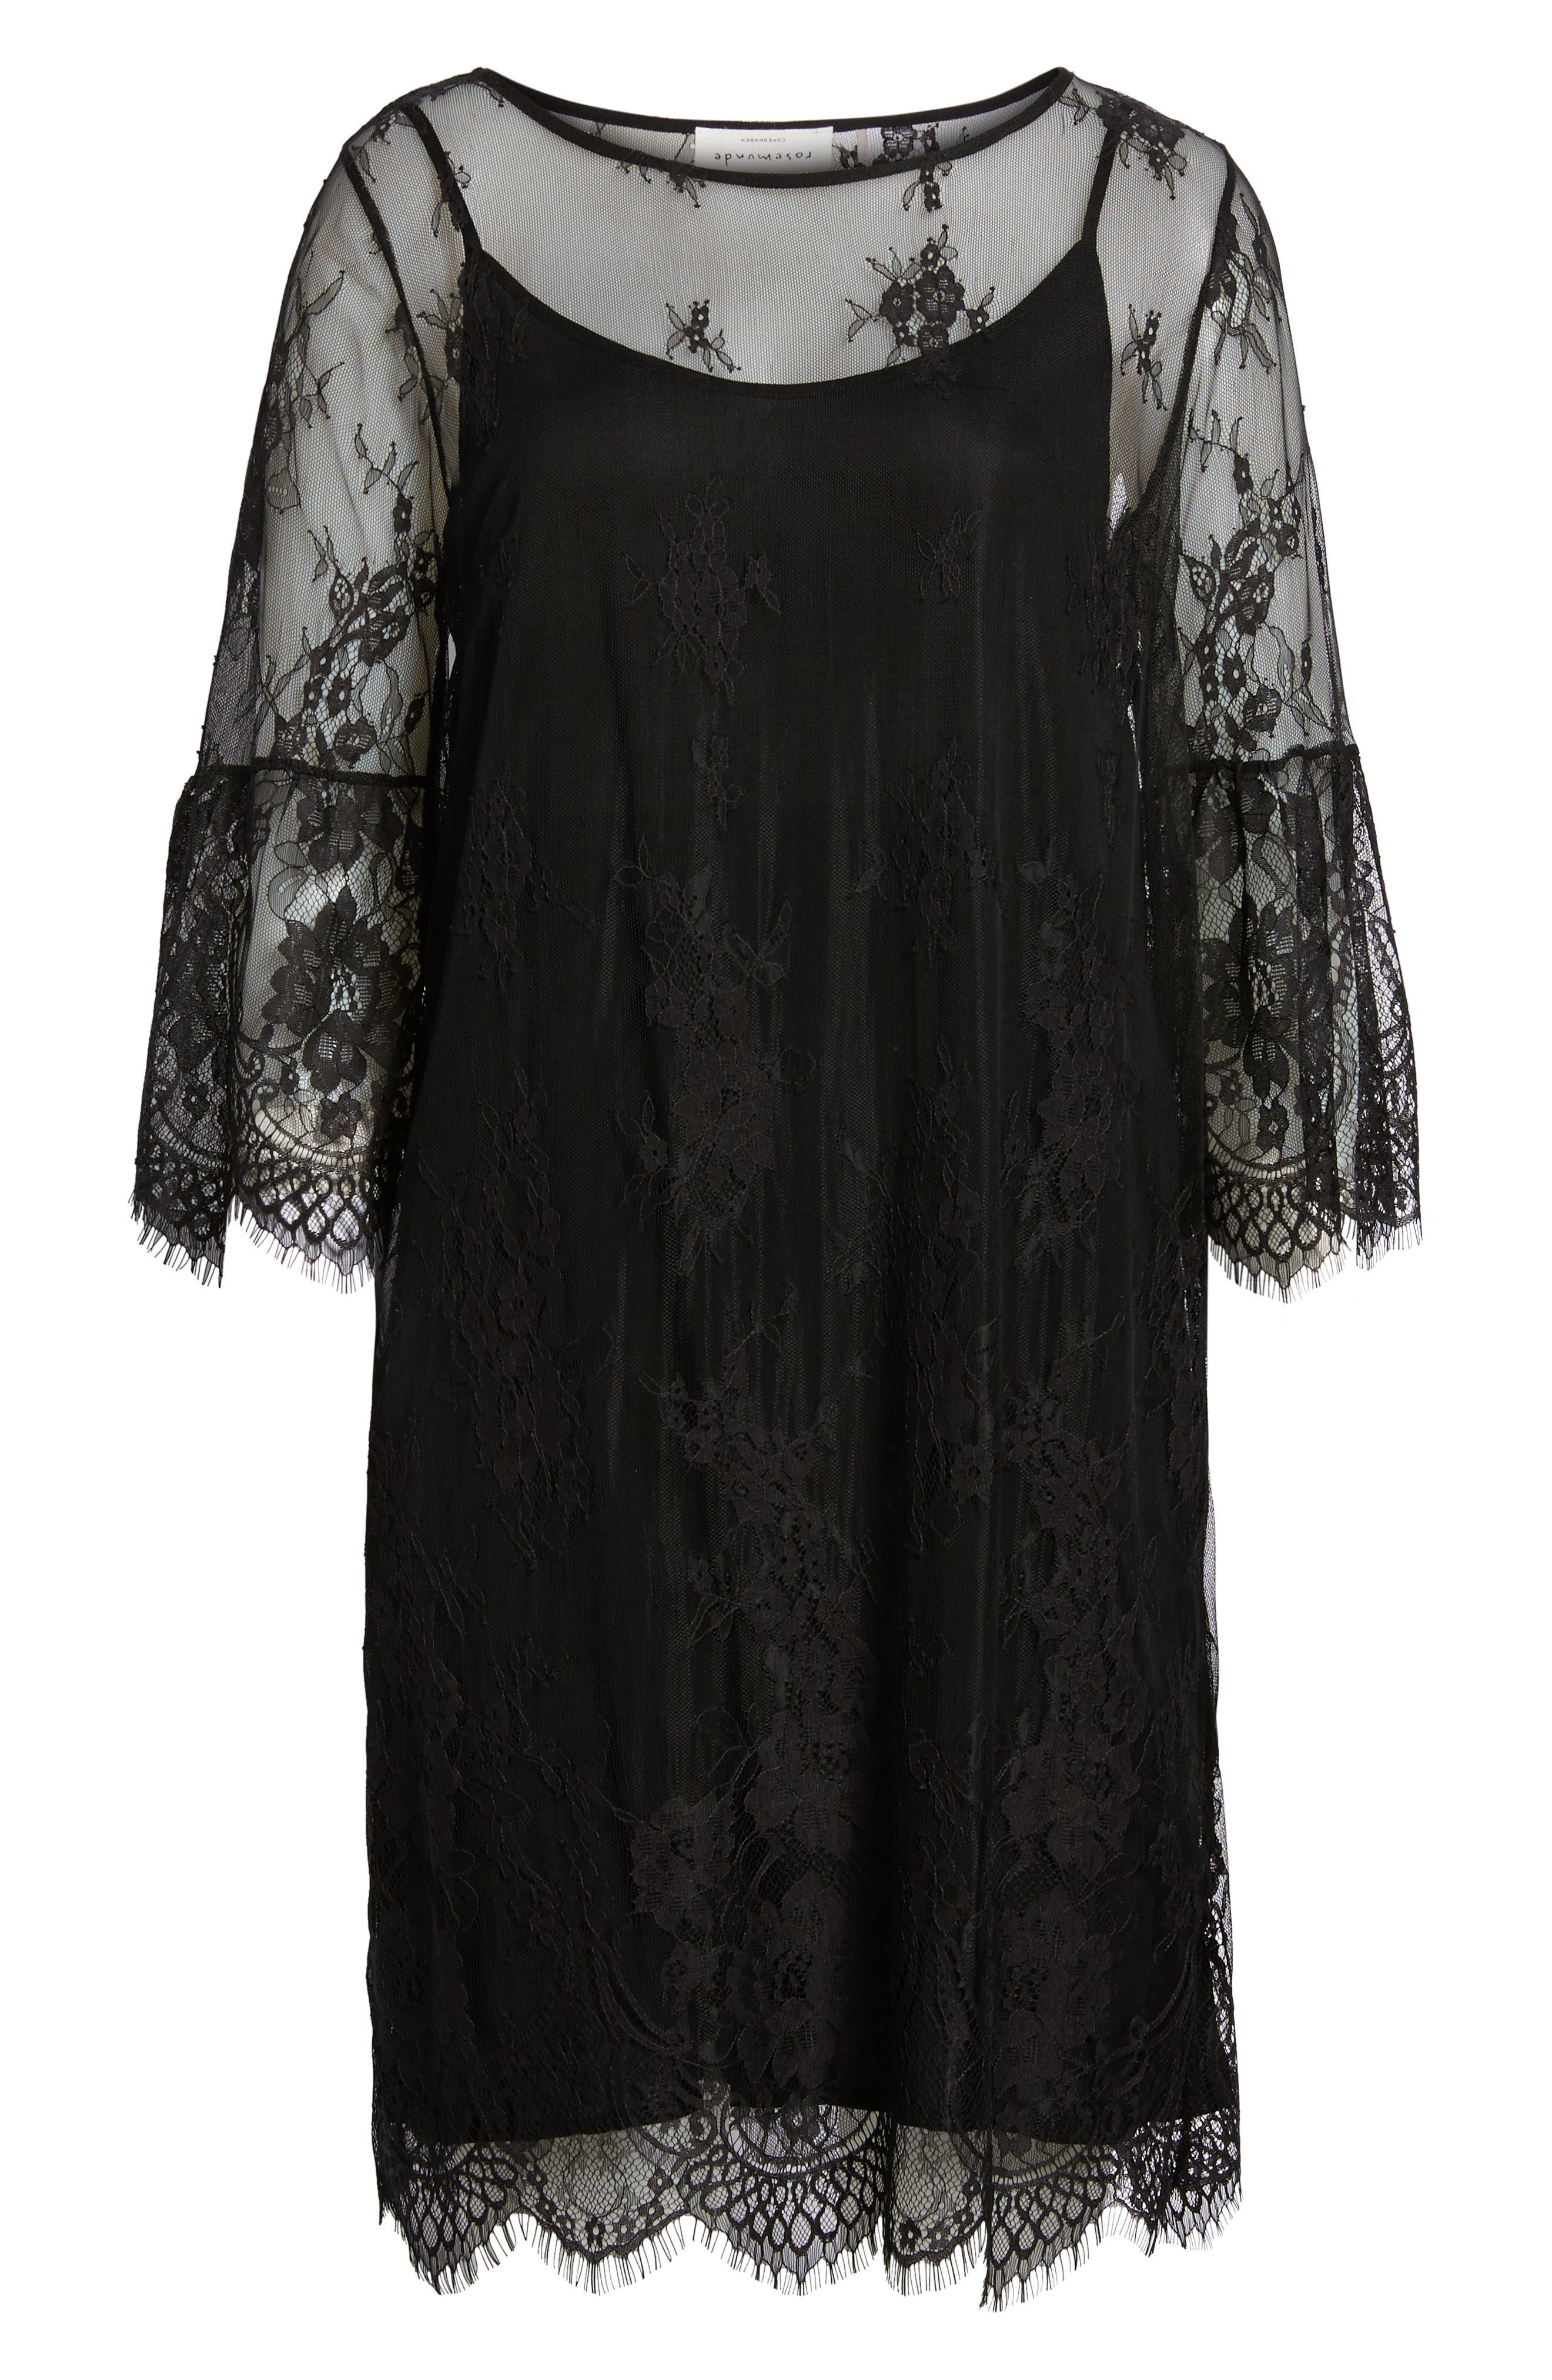 Aix Lace Dress,                             Alternate thumbnail 7, color,                             BLACK